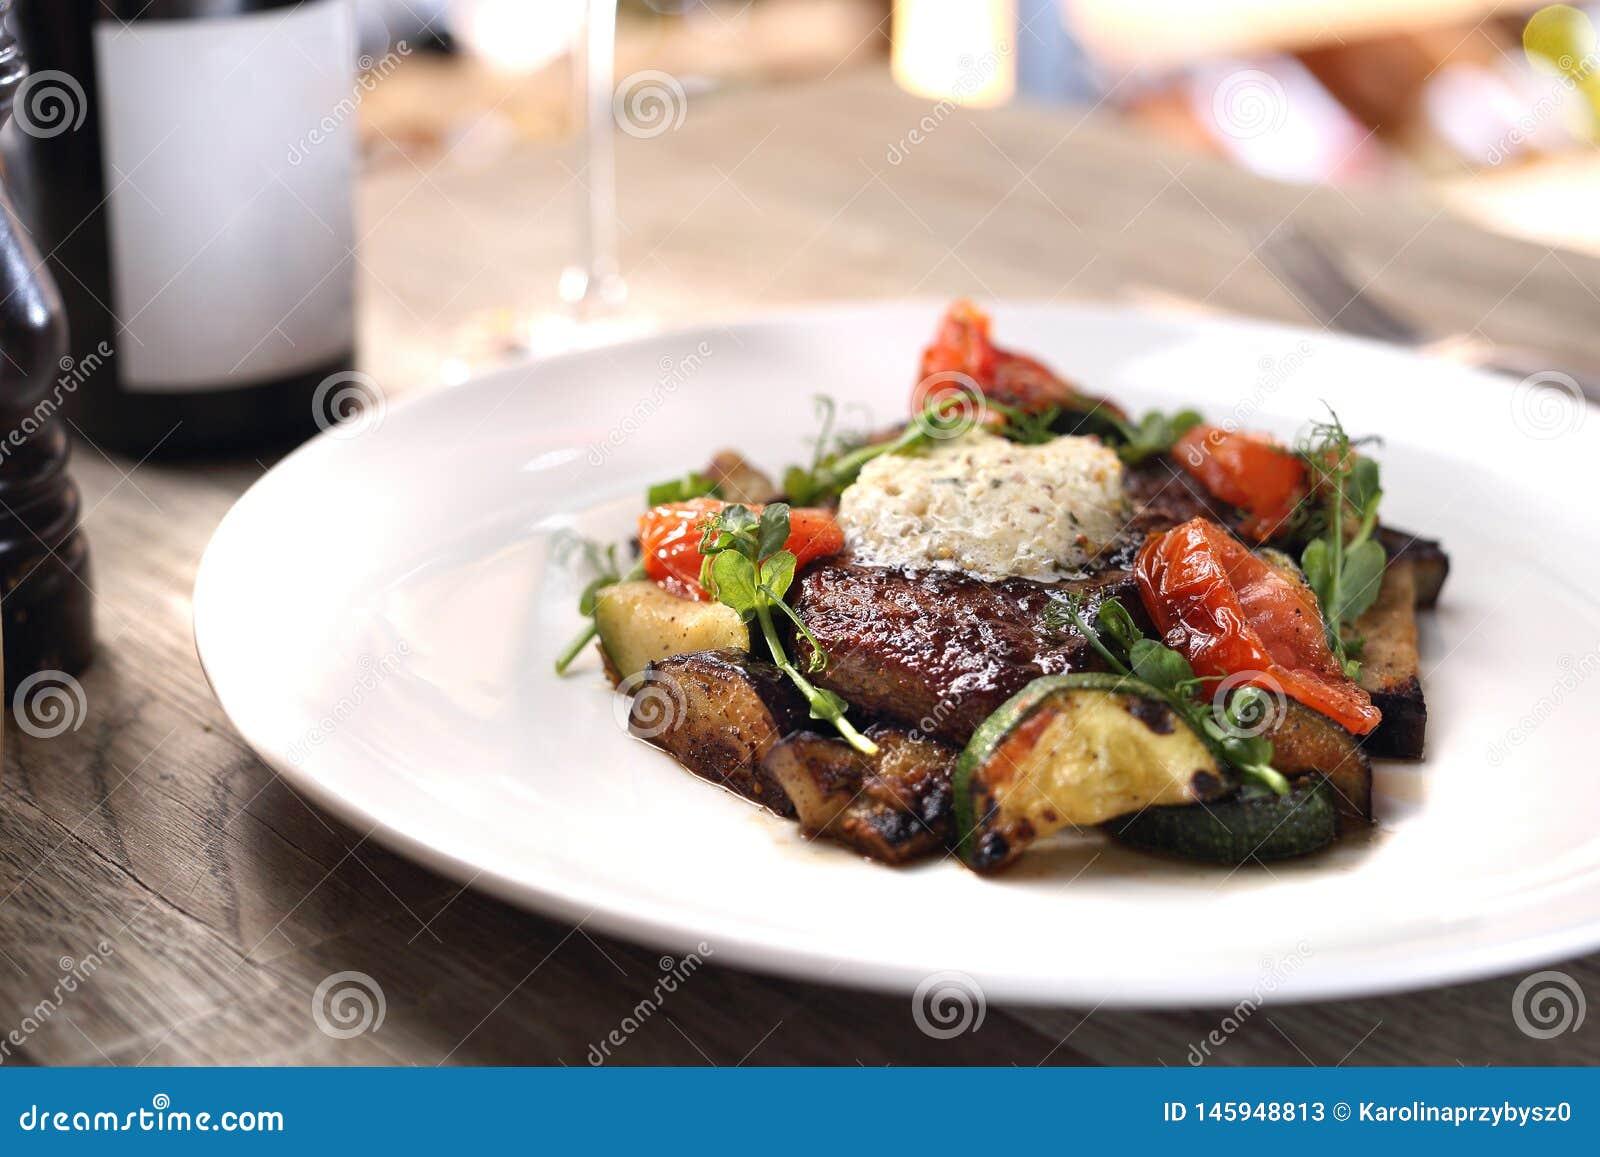 Gegrilltes Steak der Mittelrippe vom Rind mit Kr?uterbutter und gegrilltem Gem?se diente auf einer wei?en Platte